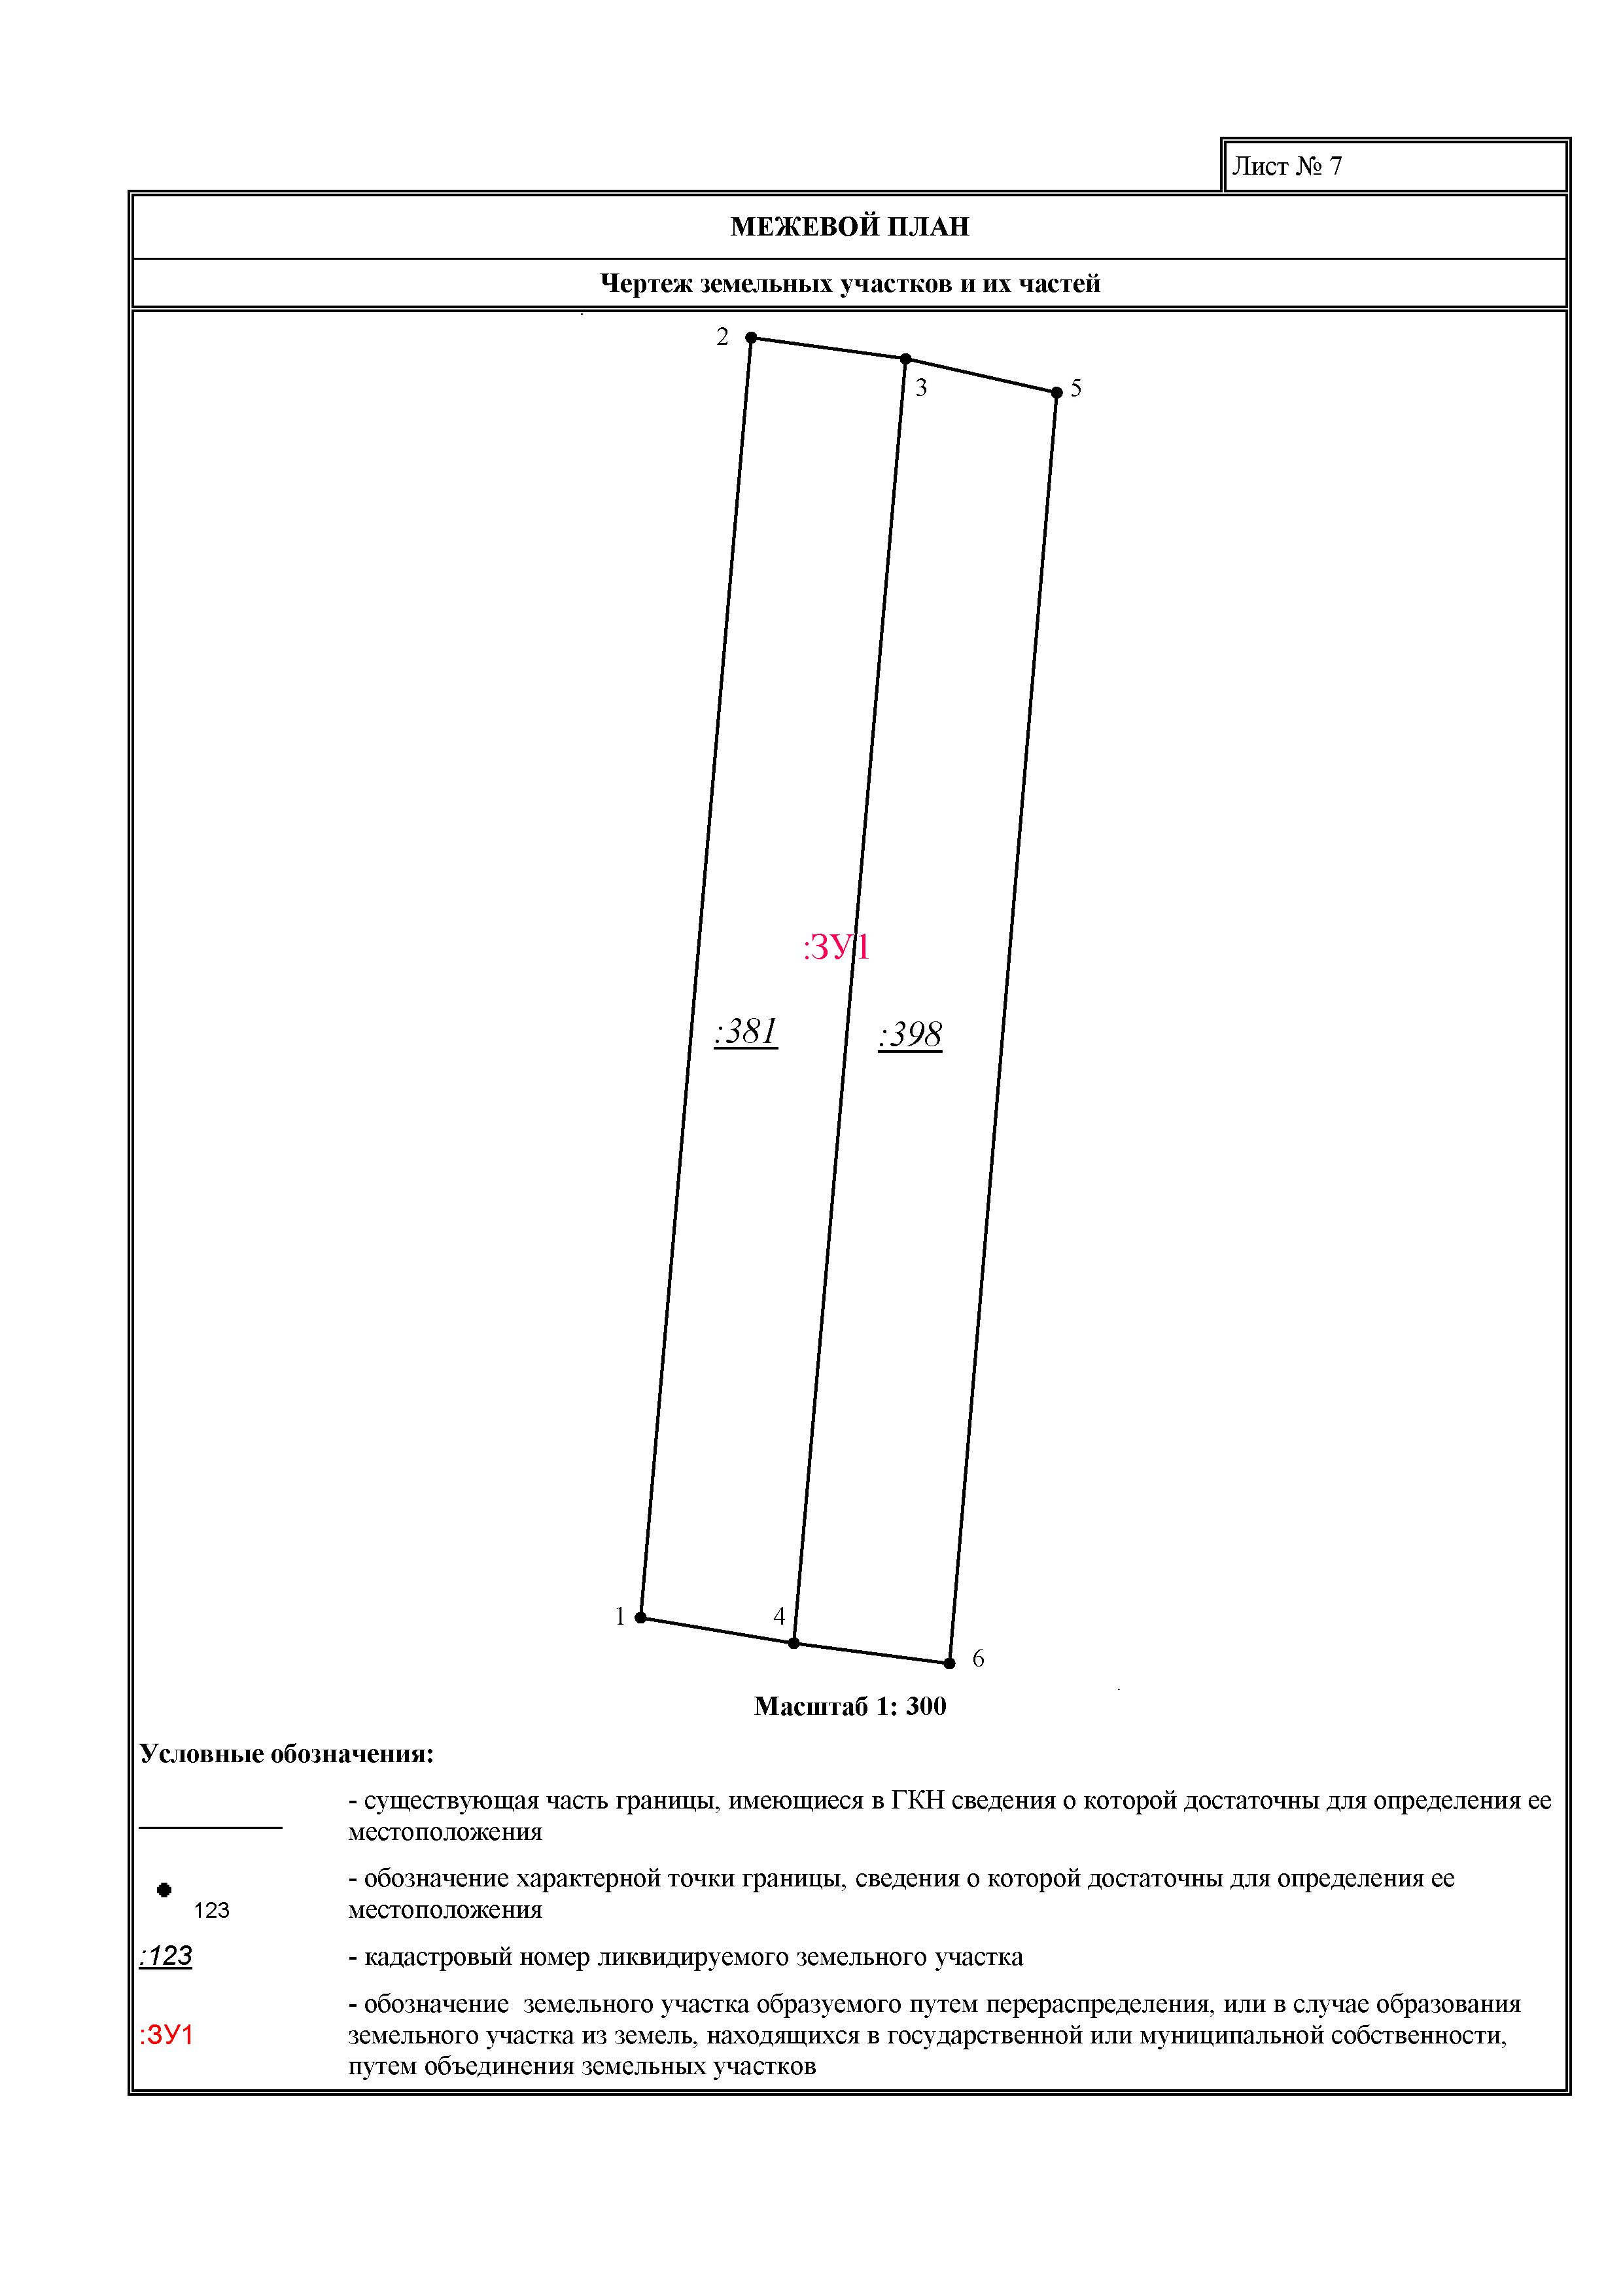 Образец межевого плана по перераспределению земельных участков